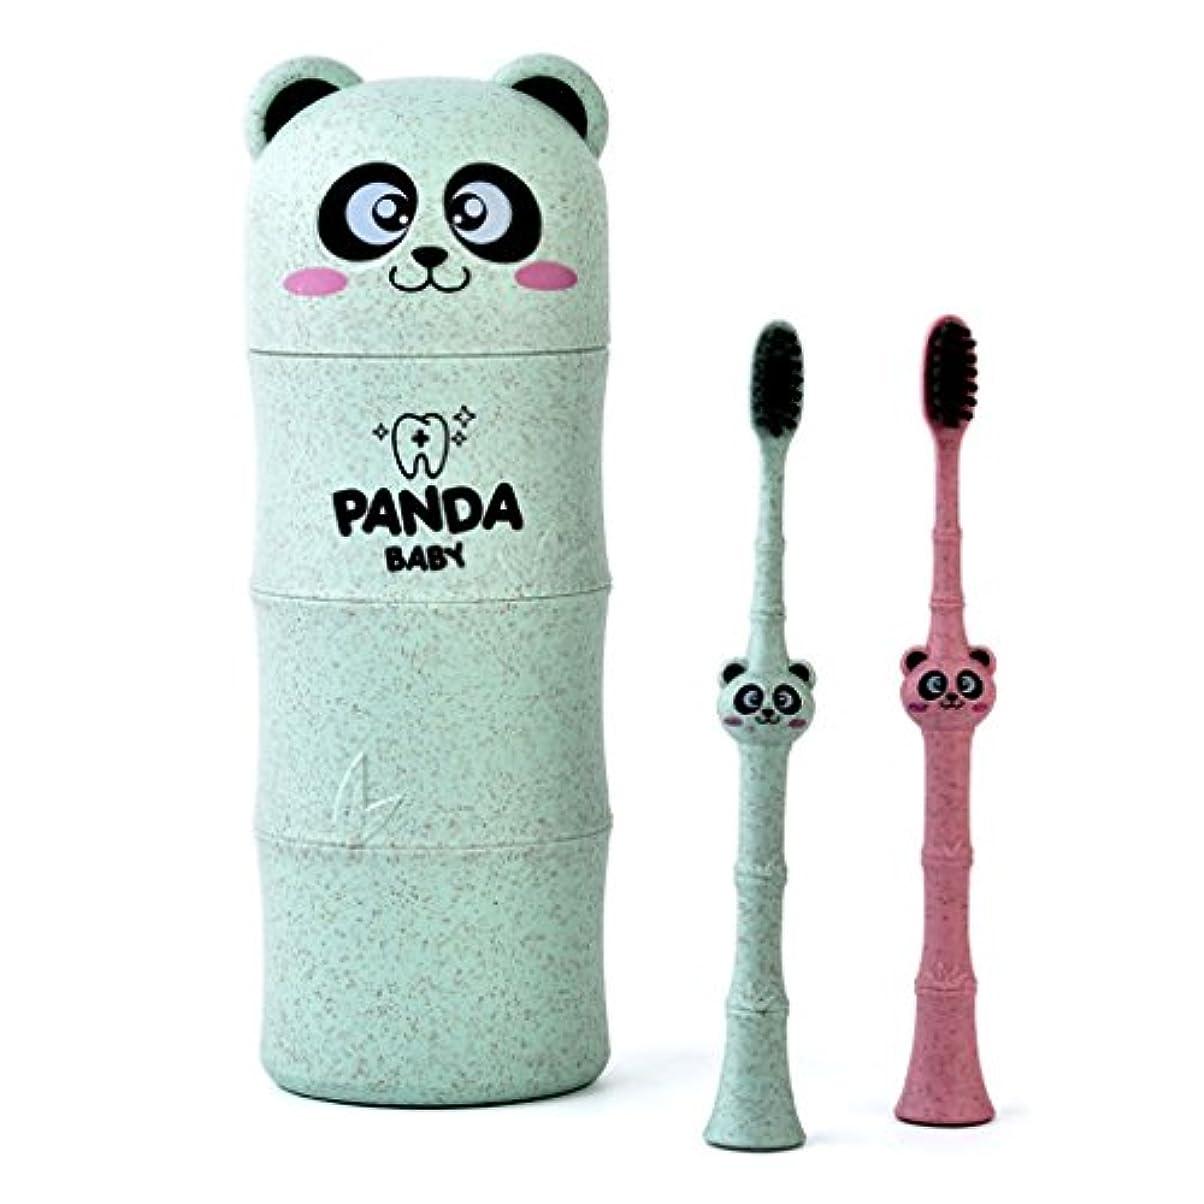 楽な昼寝マインドフルManyao 1セットベビー歯ブラシ小麦ストロー漫画パンダ幼児子供歯科口腔ケア (グリーン)